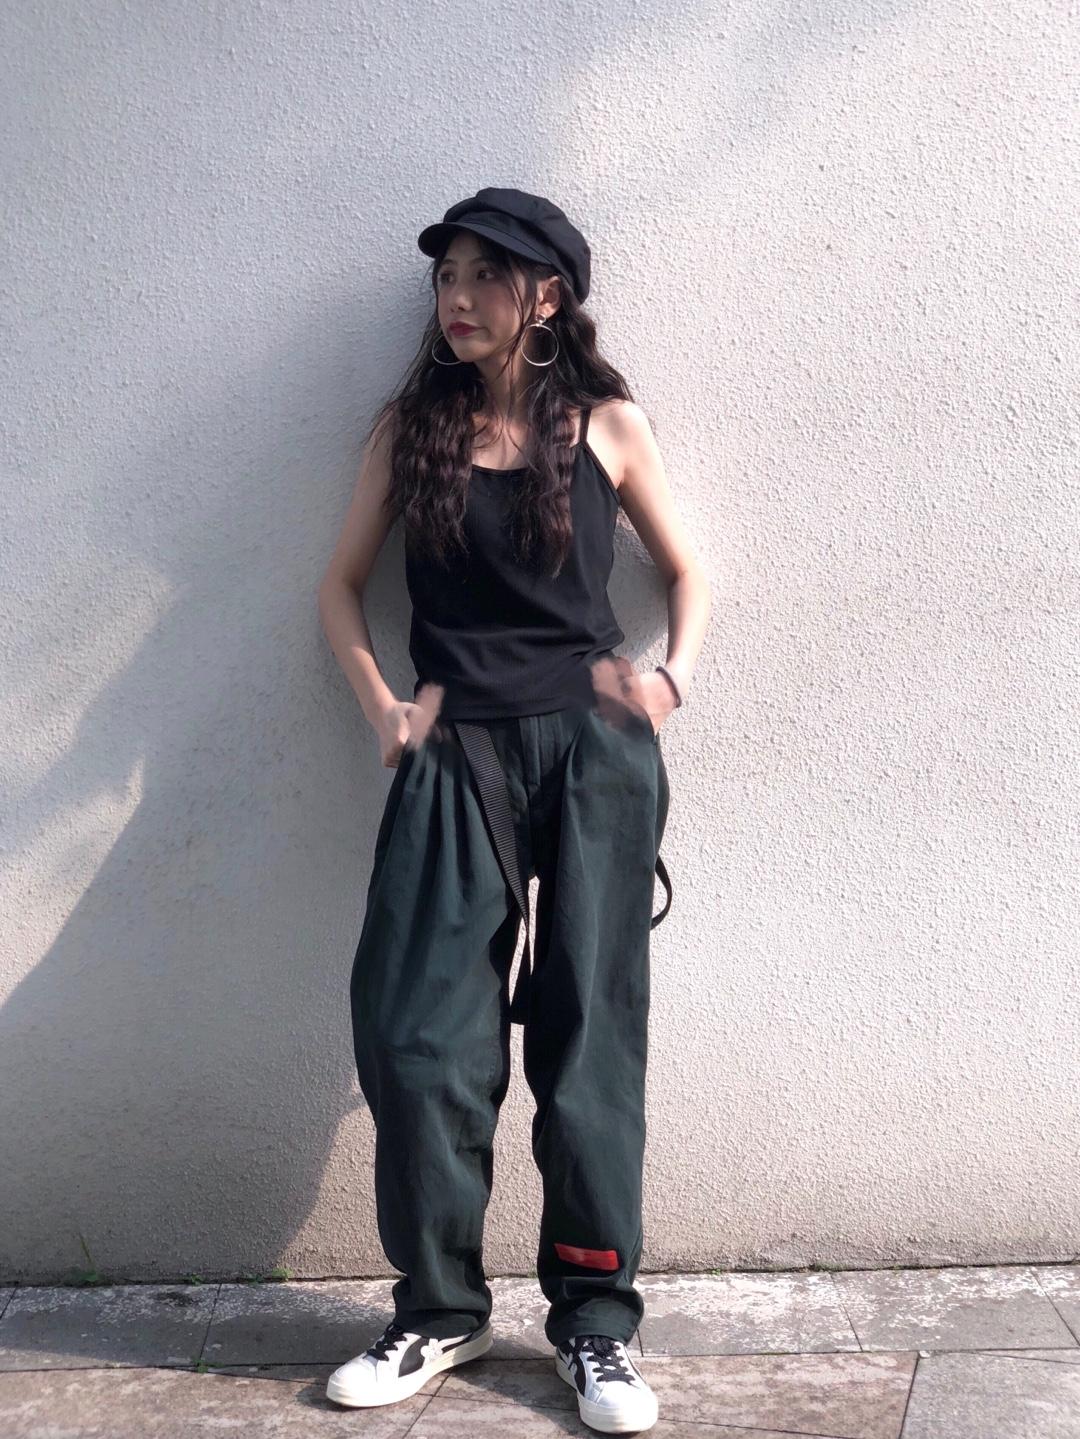 帽子:BROWN HAT 上衣:YVMIN 褲子:ROARINGWILD 鞋子:GOLF LE FLEUR x CONVERSE #懒人最爱:清爽出街超easy#